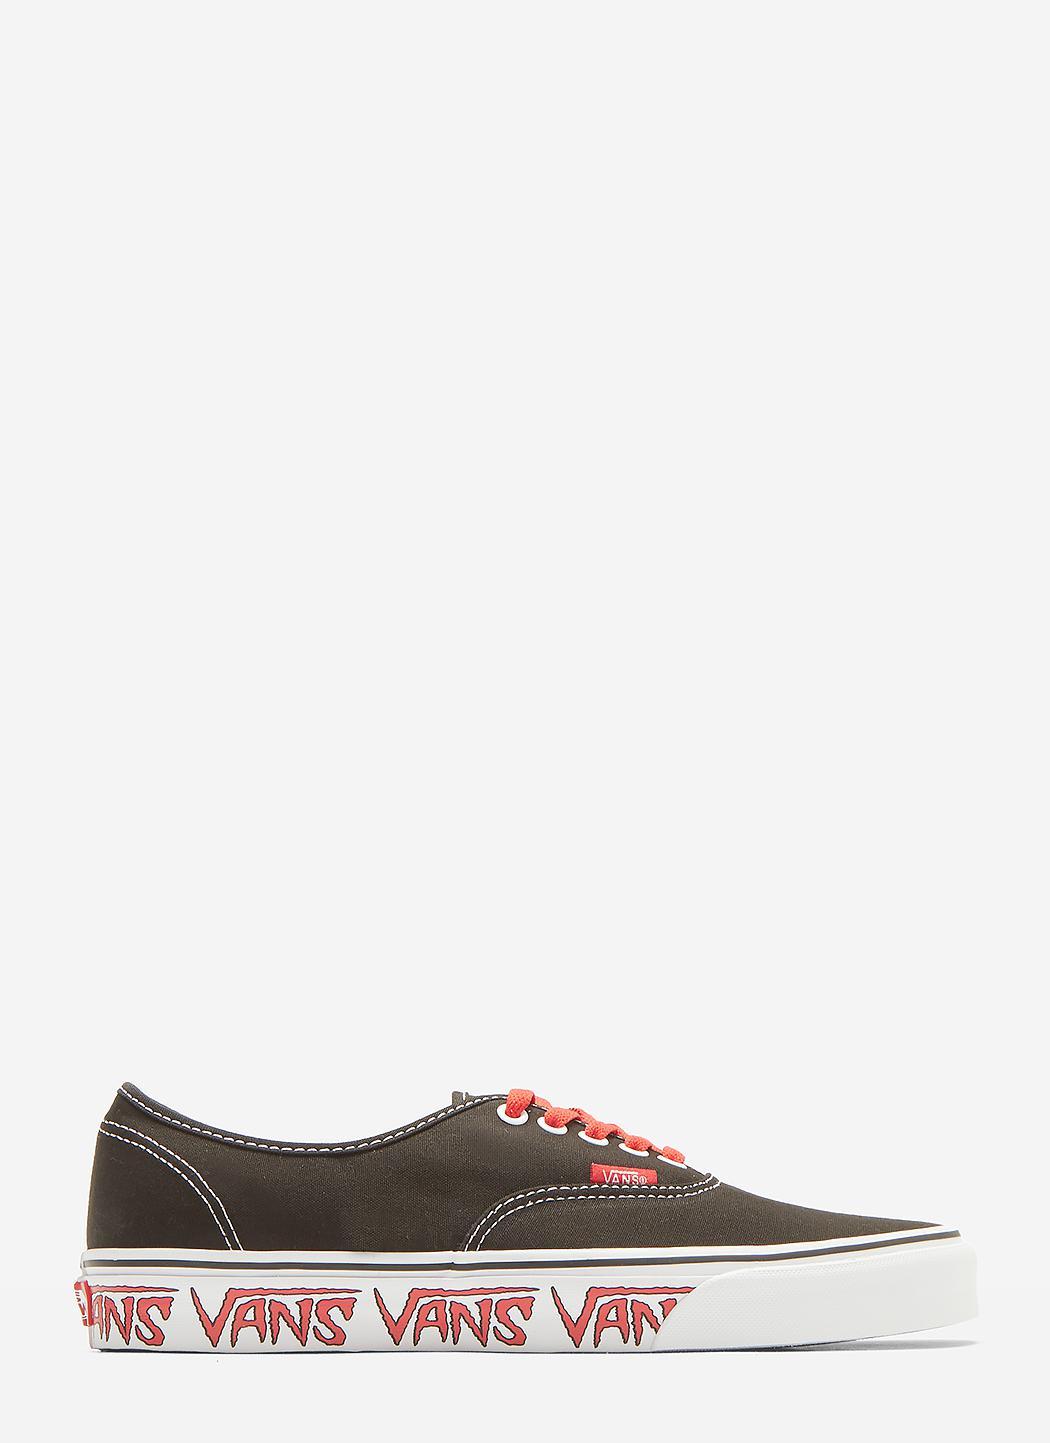 Authentic Sketch Sidewall Lace-up Sneakers Vans Verkaufsangebote elYWEMZLc